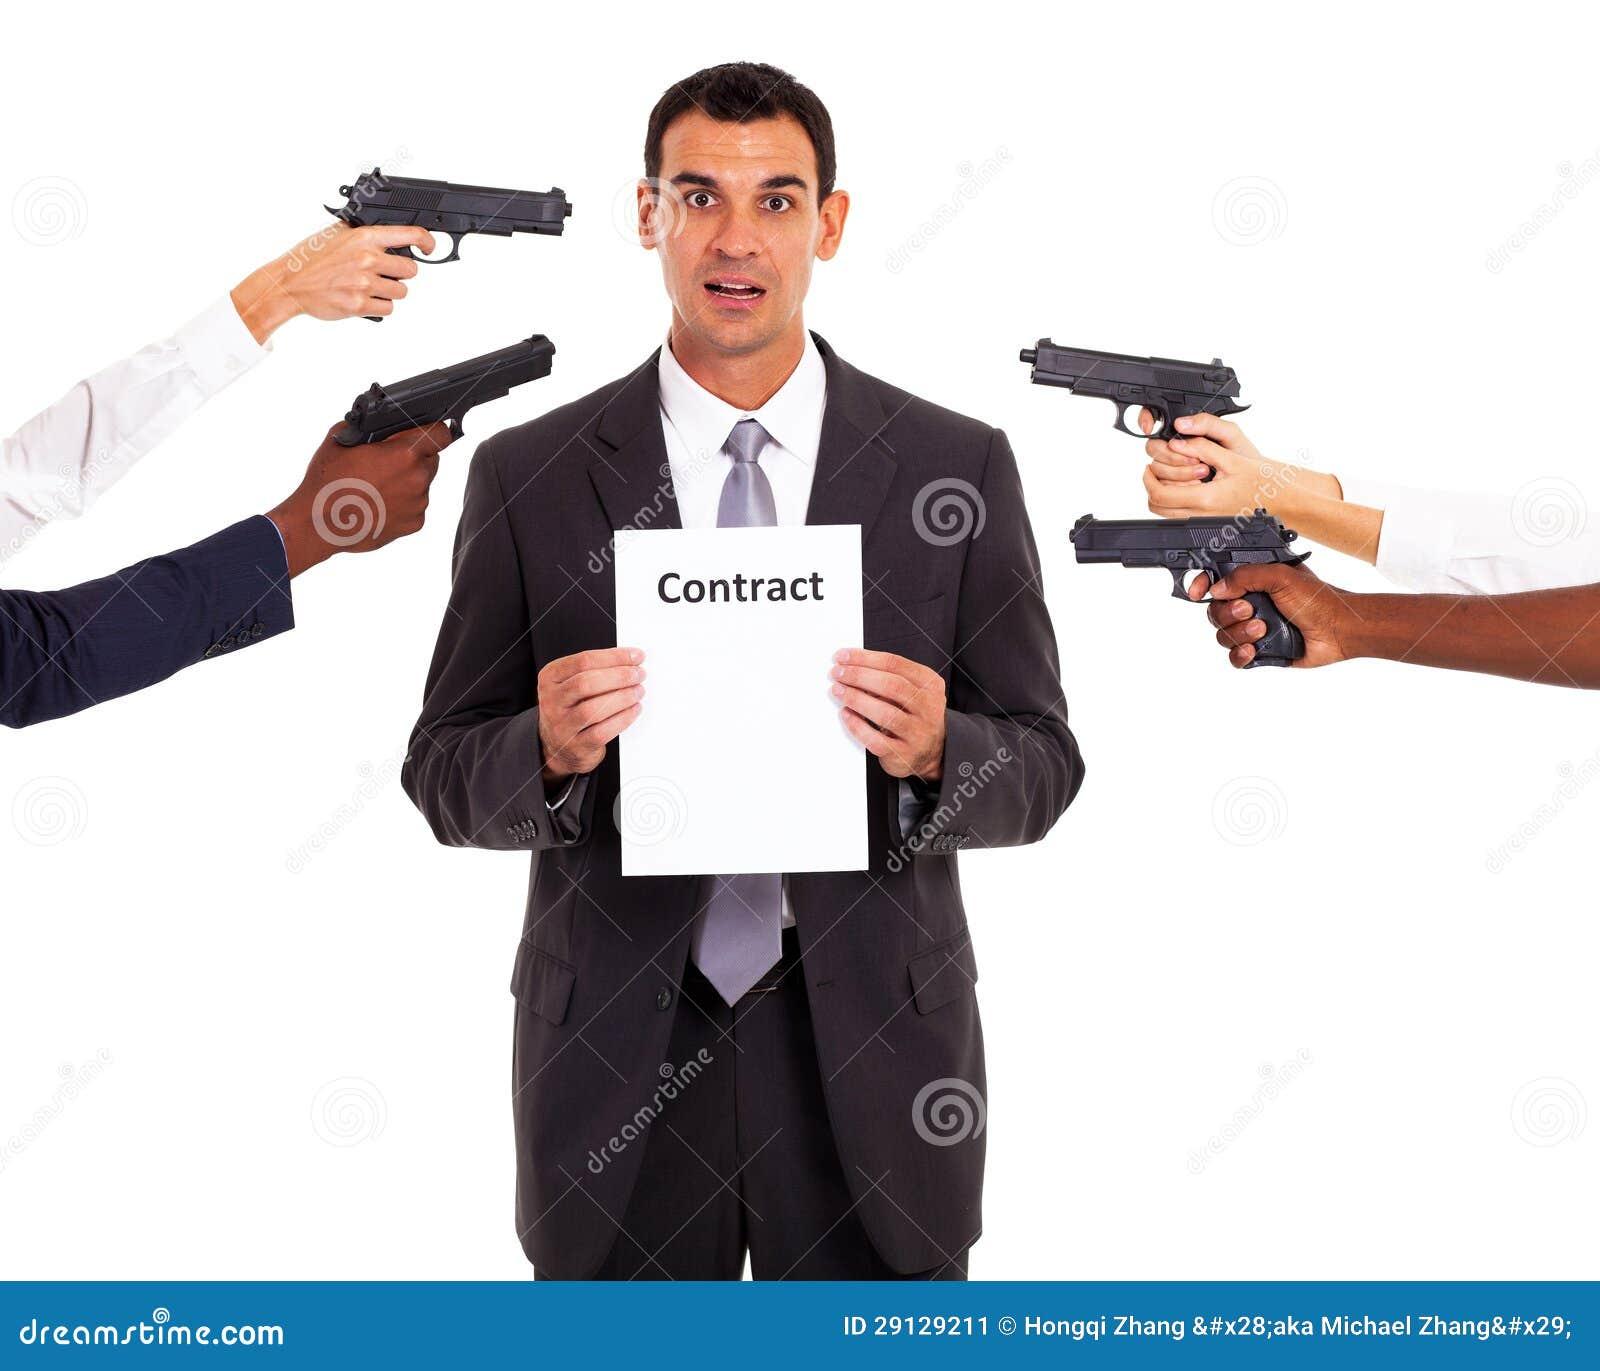 Заставил отсосать член, угрожая дулом пистолета - Смотреть ...